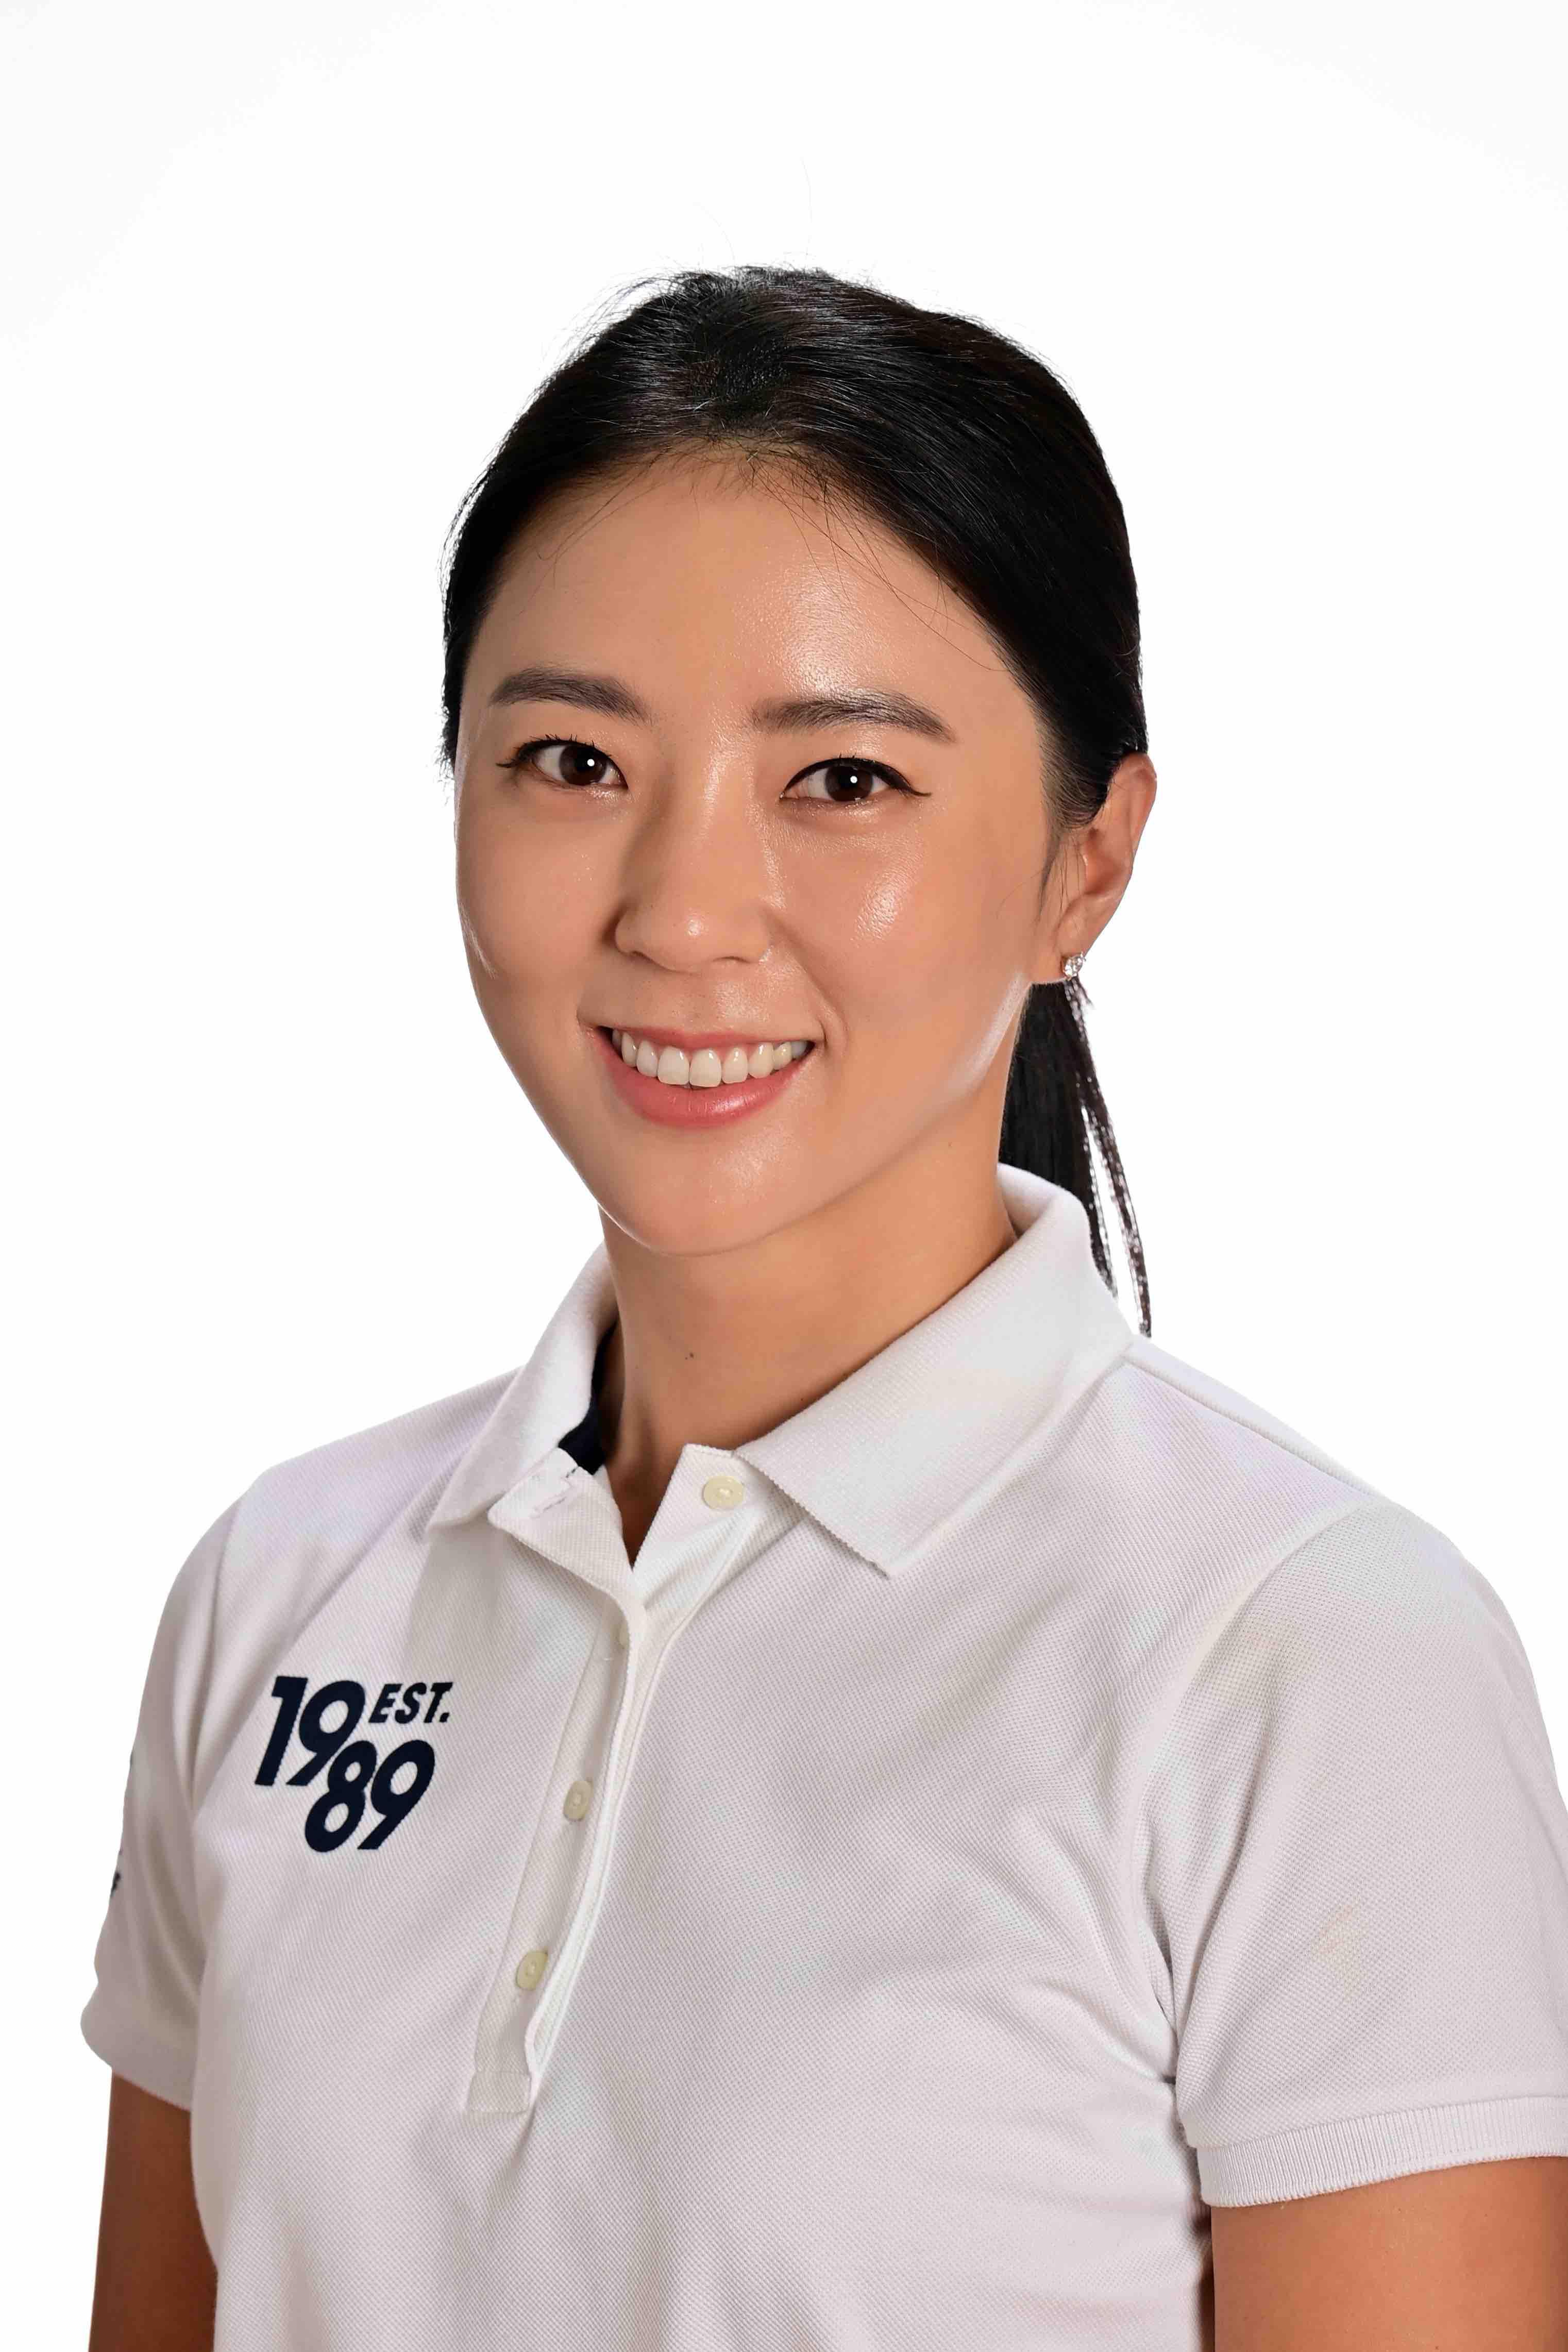 【JLPGA公式】ユン チェヨン 選手(ゴルフボール1スリーブ②)